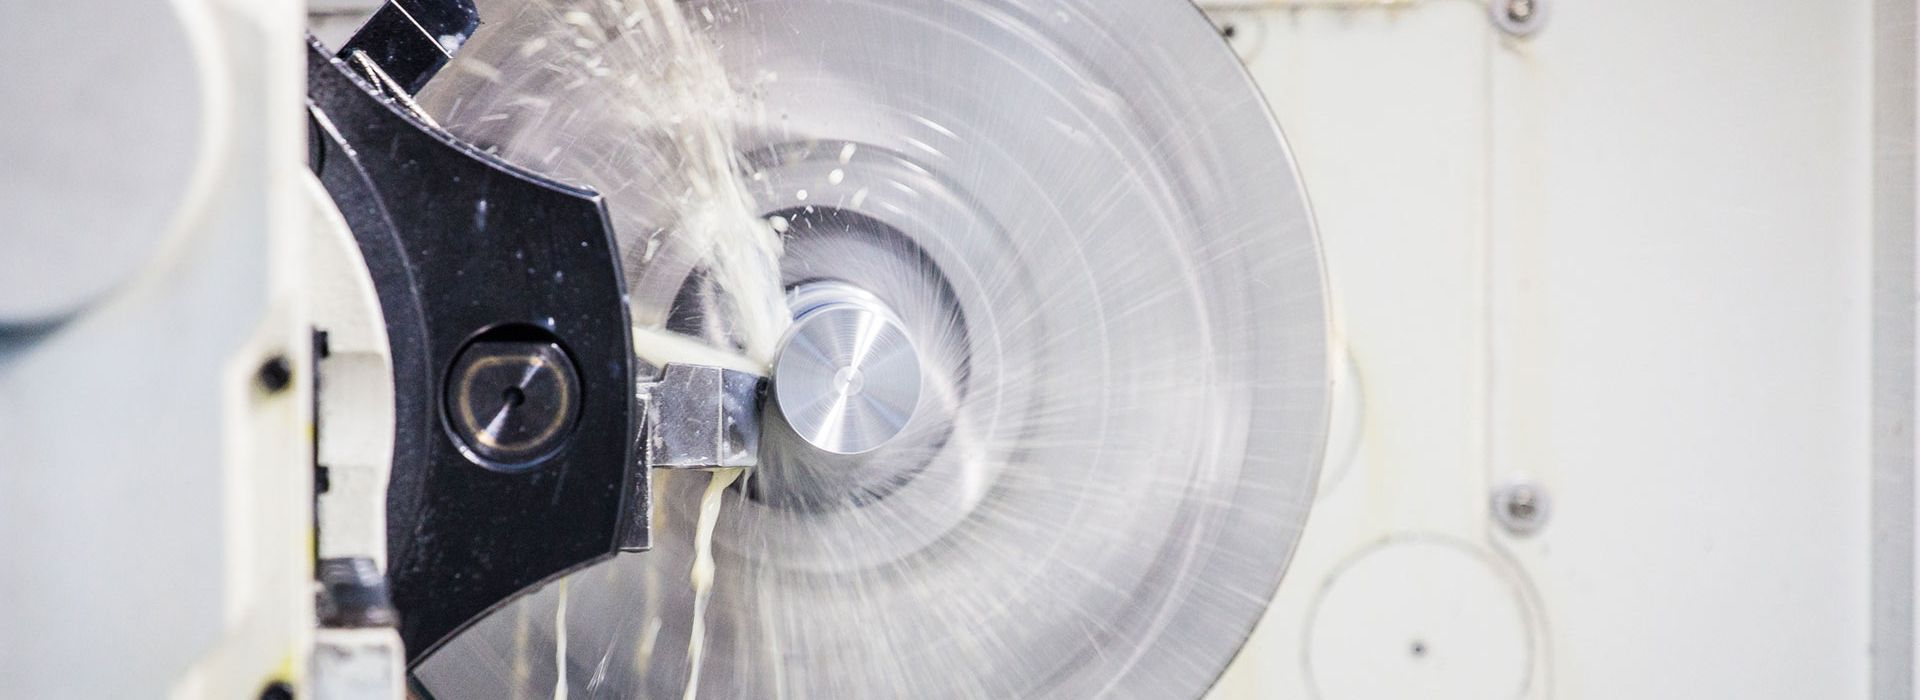 Falkner Maschinenbau in Roppen Tirol